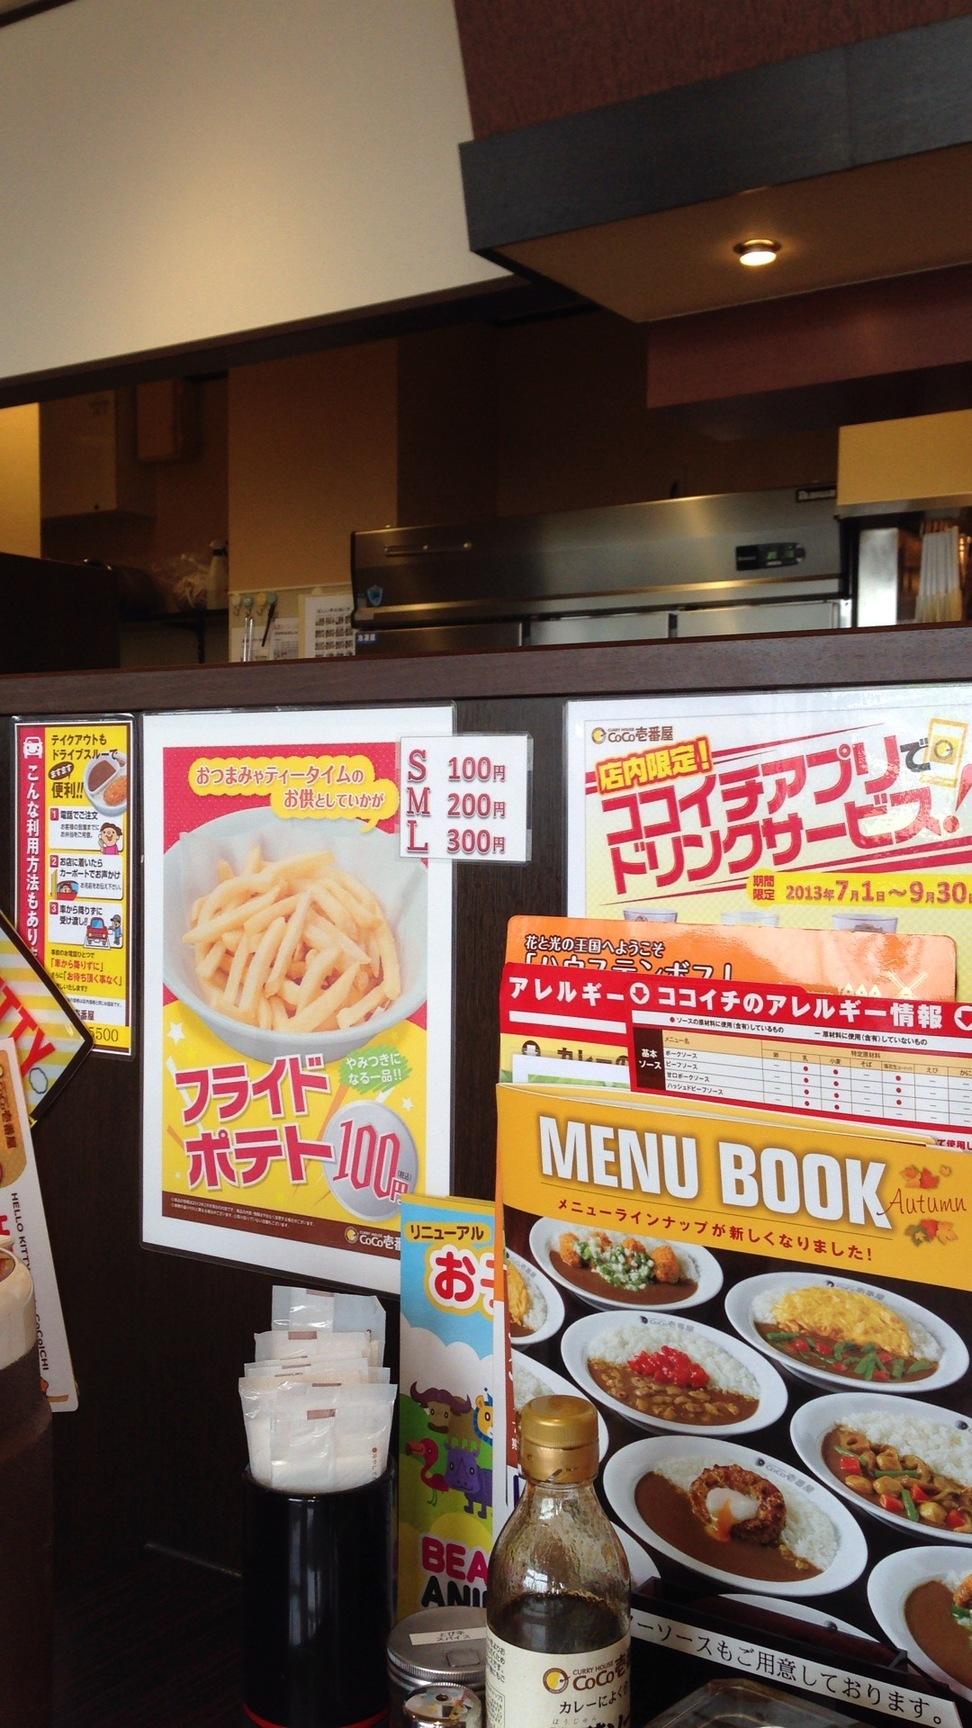 CoCo壱番屋 つくばS/Cアッセ店